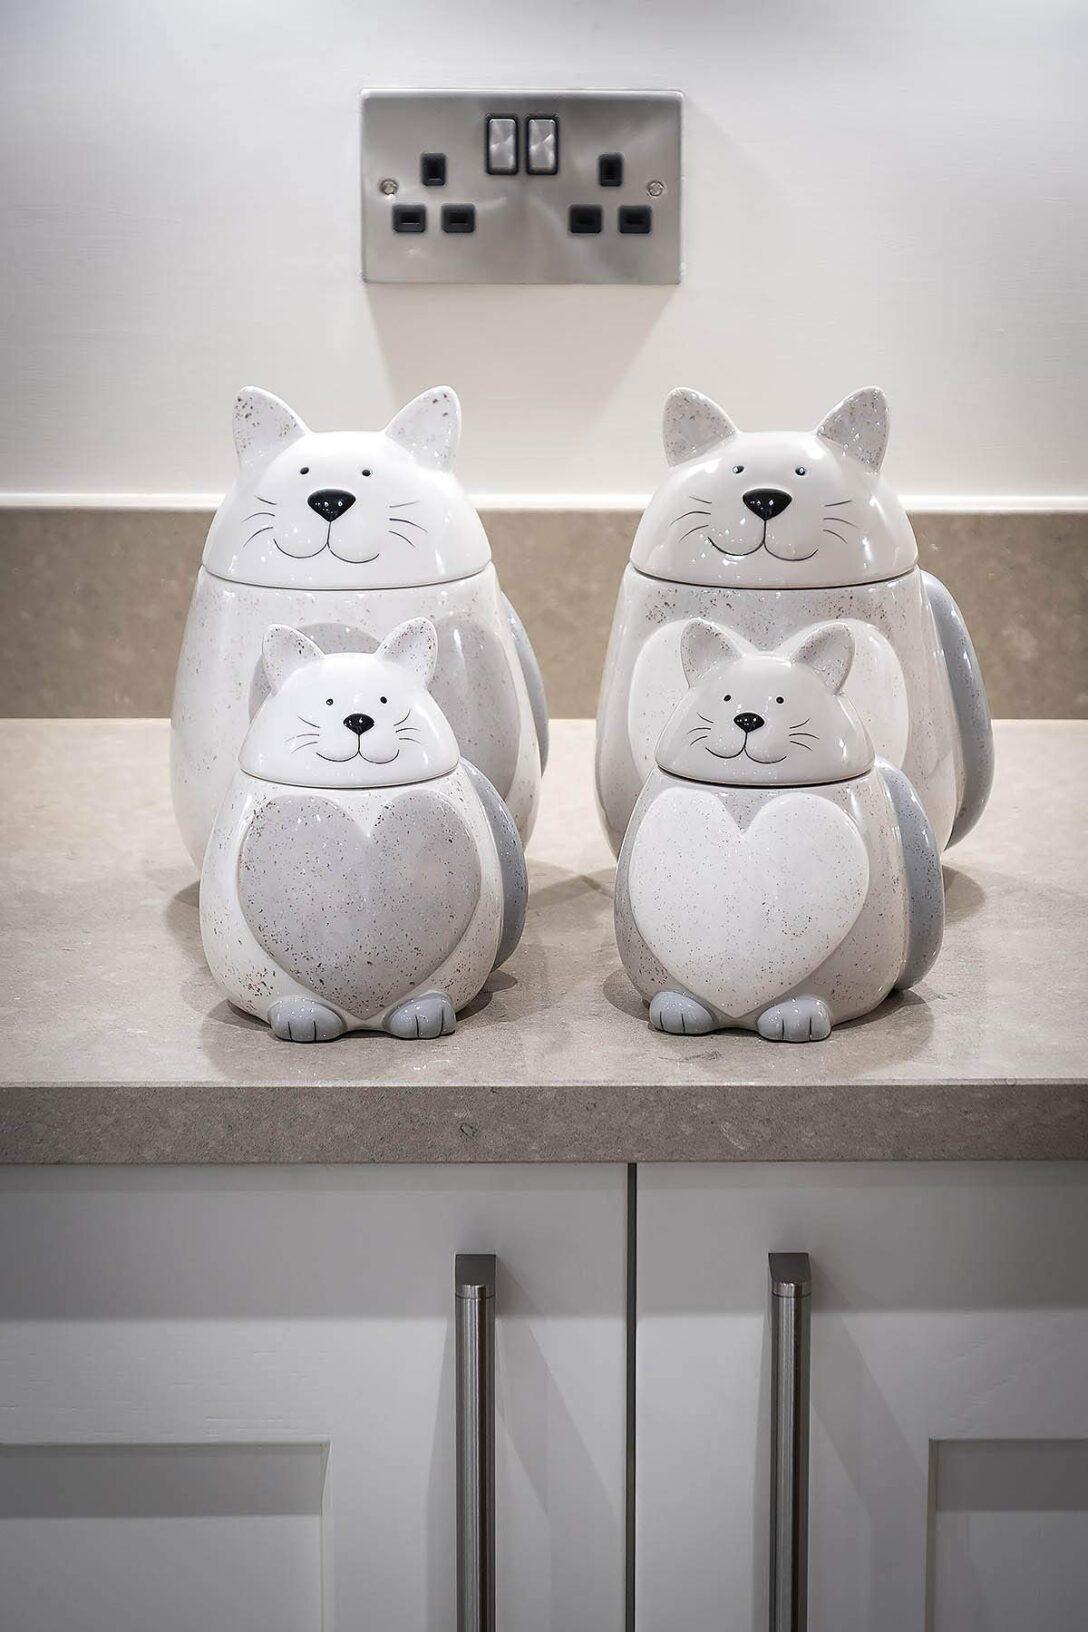 Large Size of Küchen Aufbewahrungsbehälter Spotted Dog Gift Company Vorratsdose Keramik Mit Deckel Luftdicht Regal Küche Wohnzimmer Küchen Aufbewahrungsbehälter